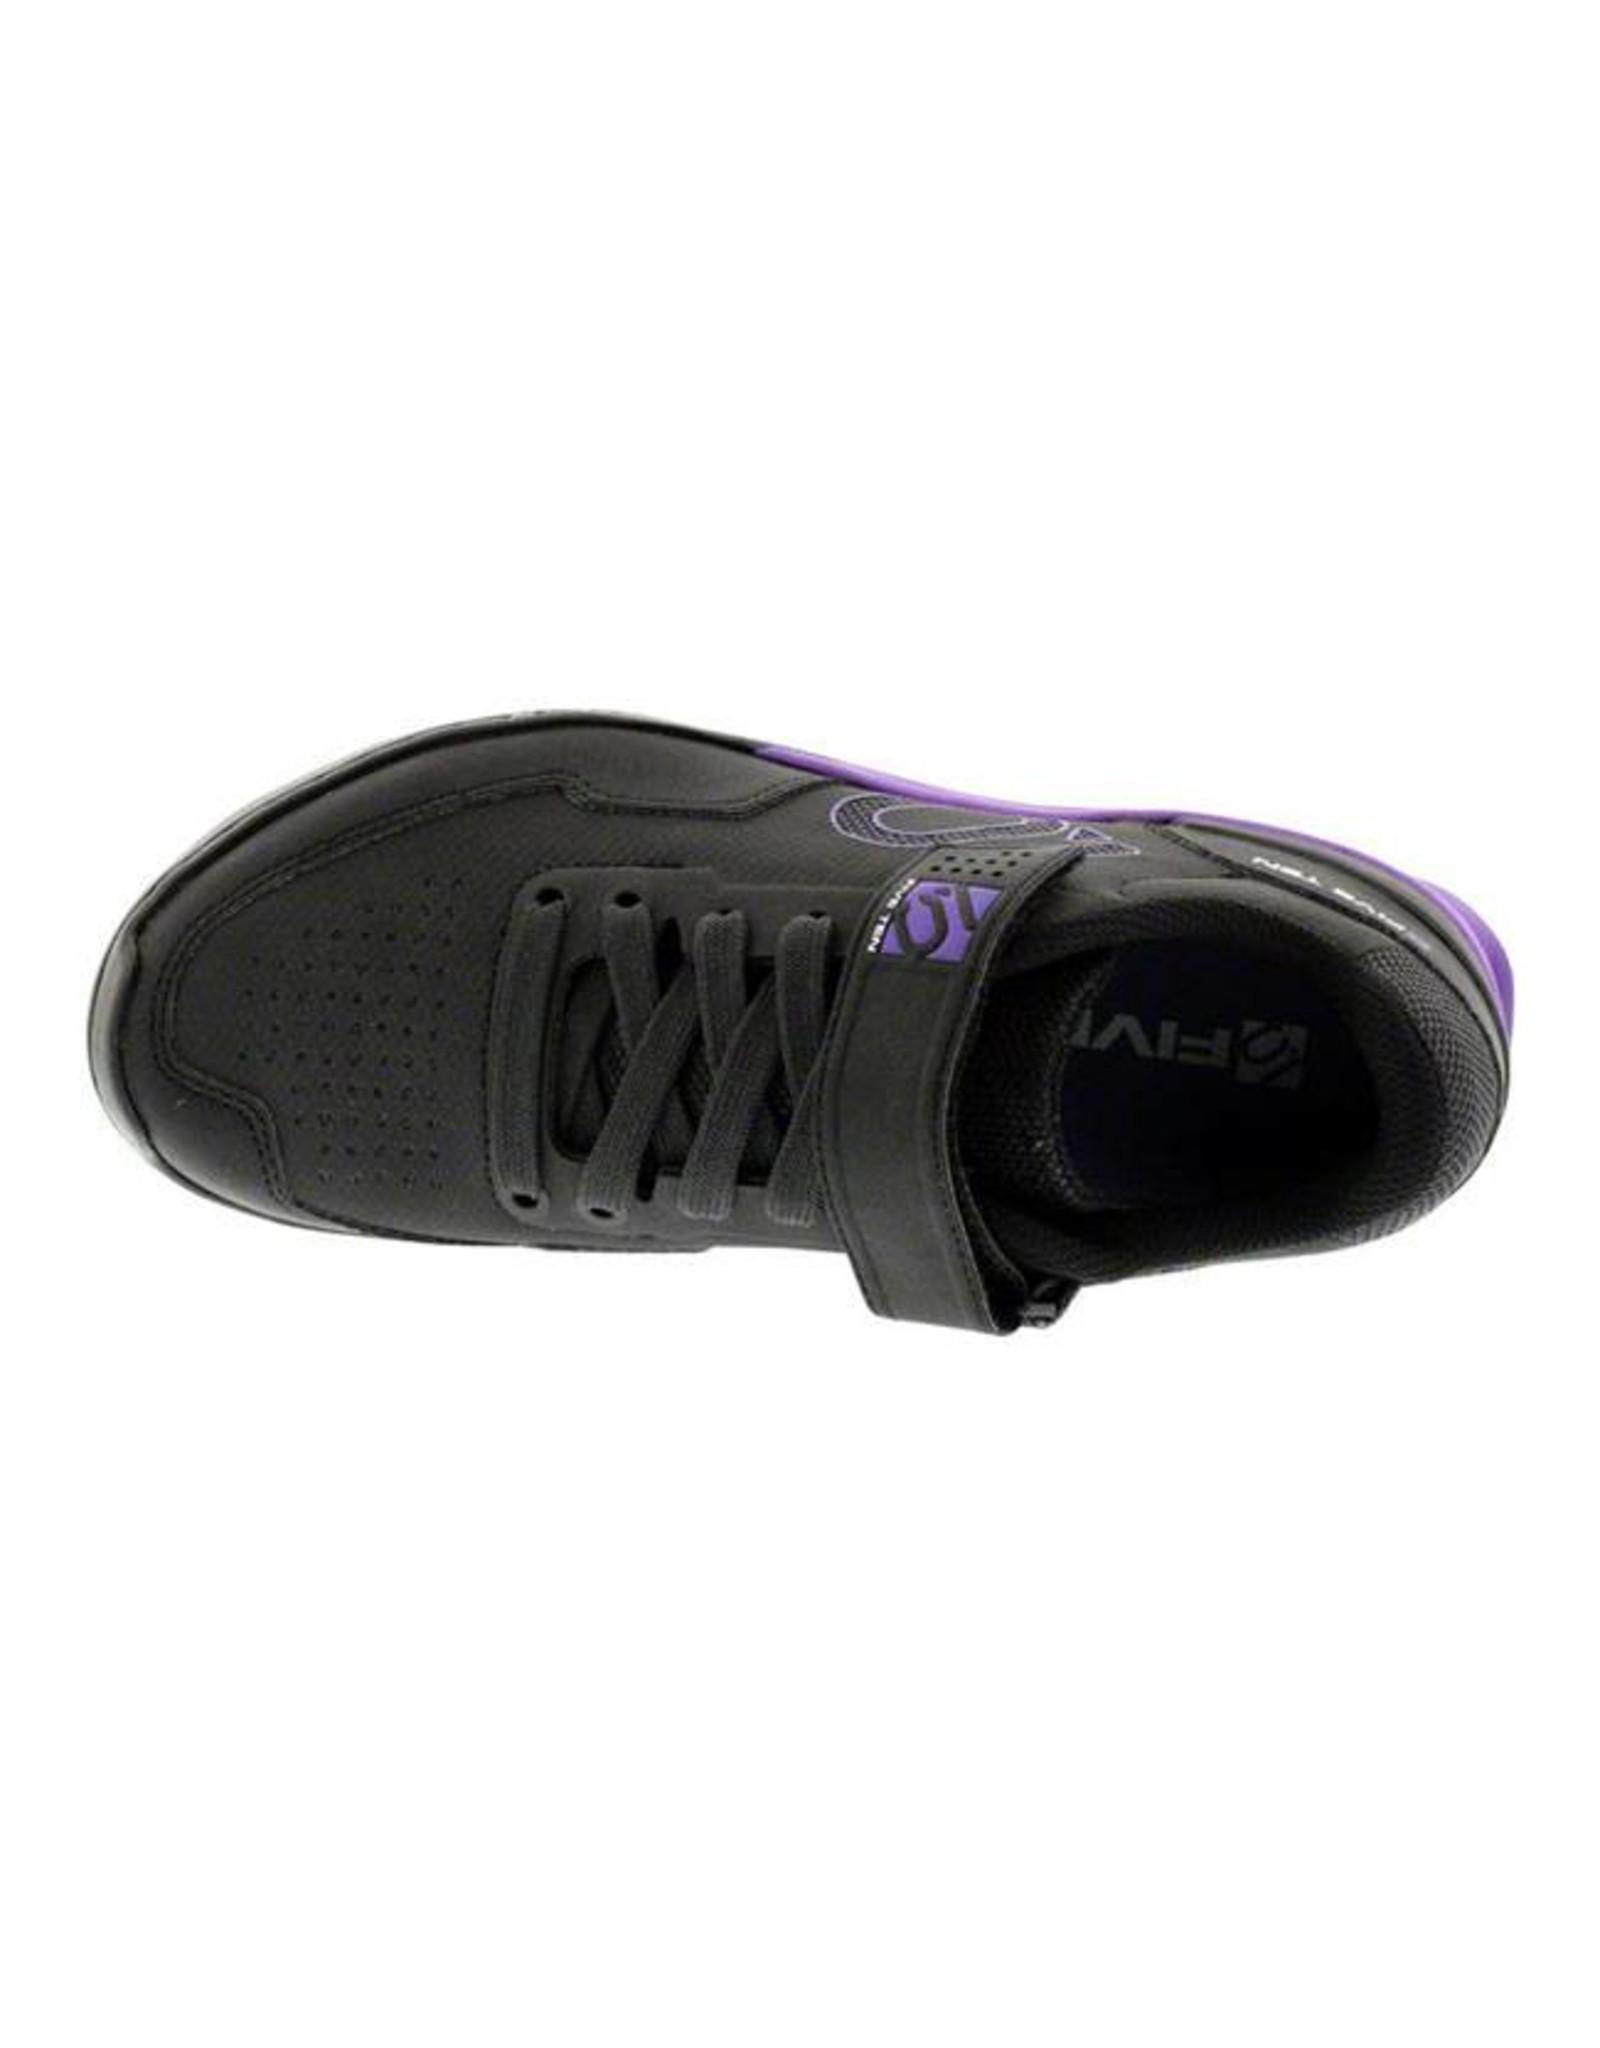 Five Ten Five Ten Kestrel Lace Women's Clipless Shoe: Black Purple 10.5